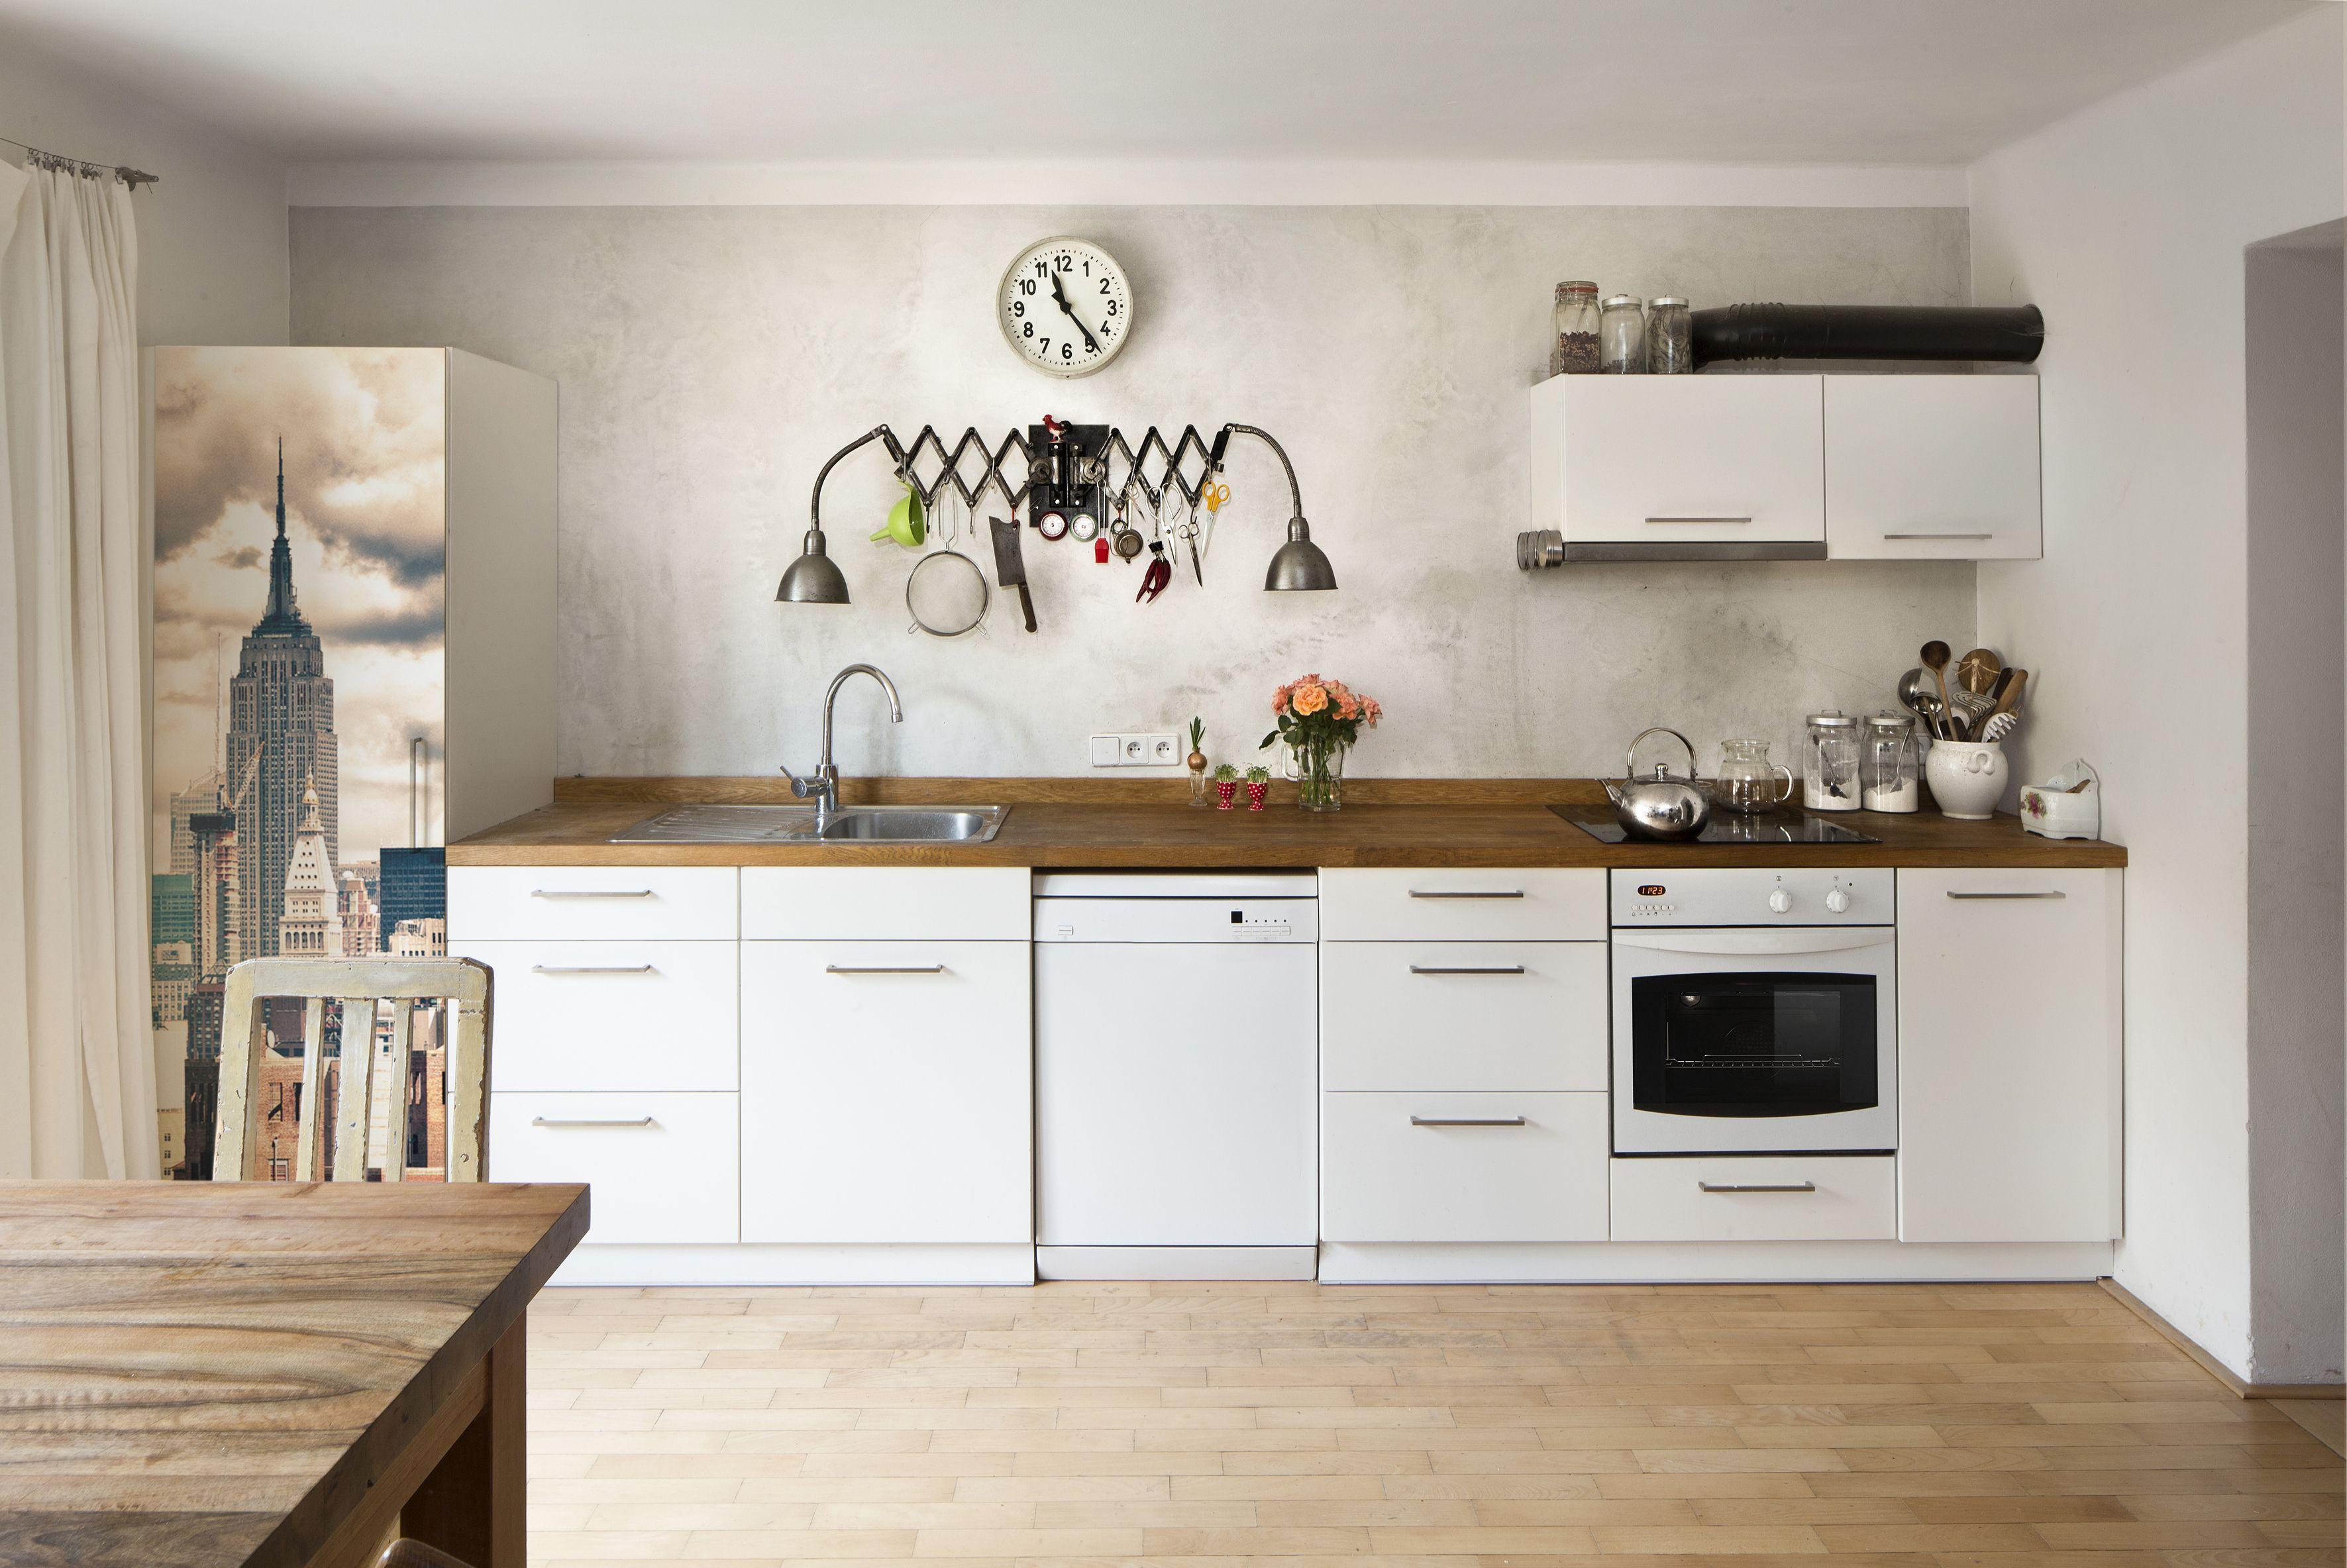 Hol dir das Empire State Building in die Küche! #kühlschrankfolie #creatisto #küche